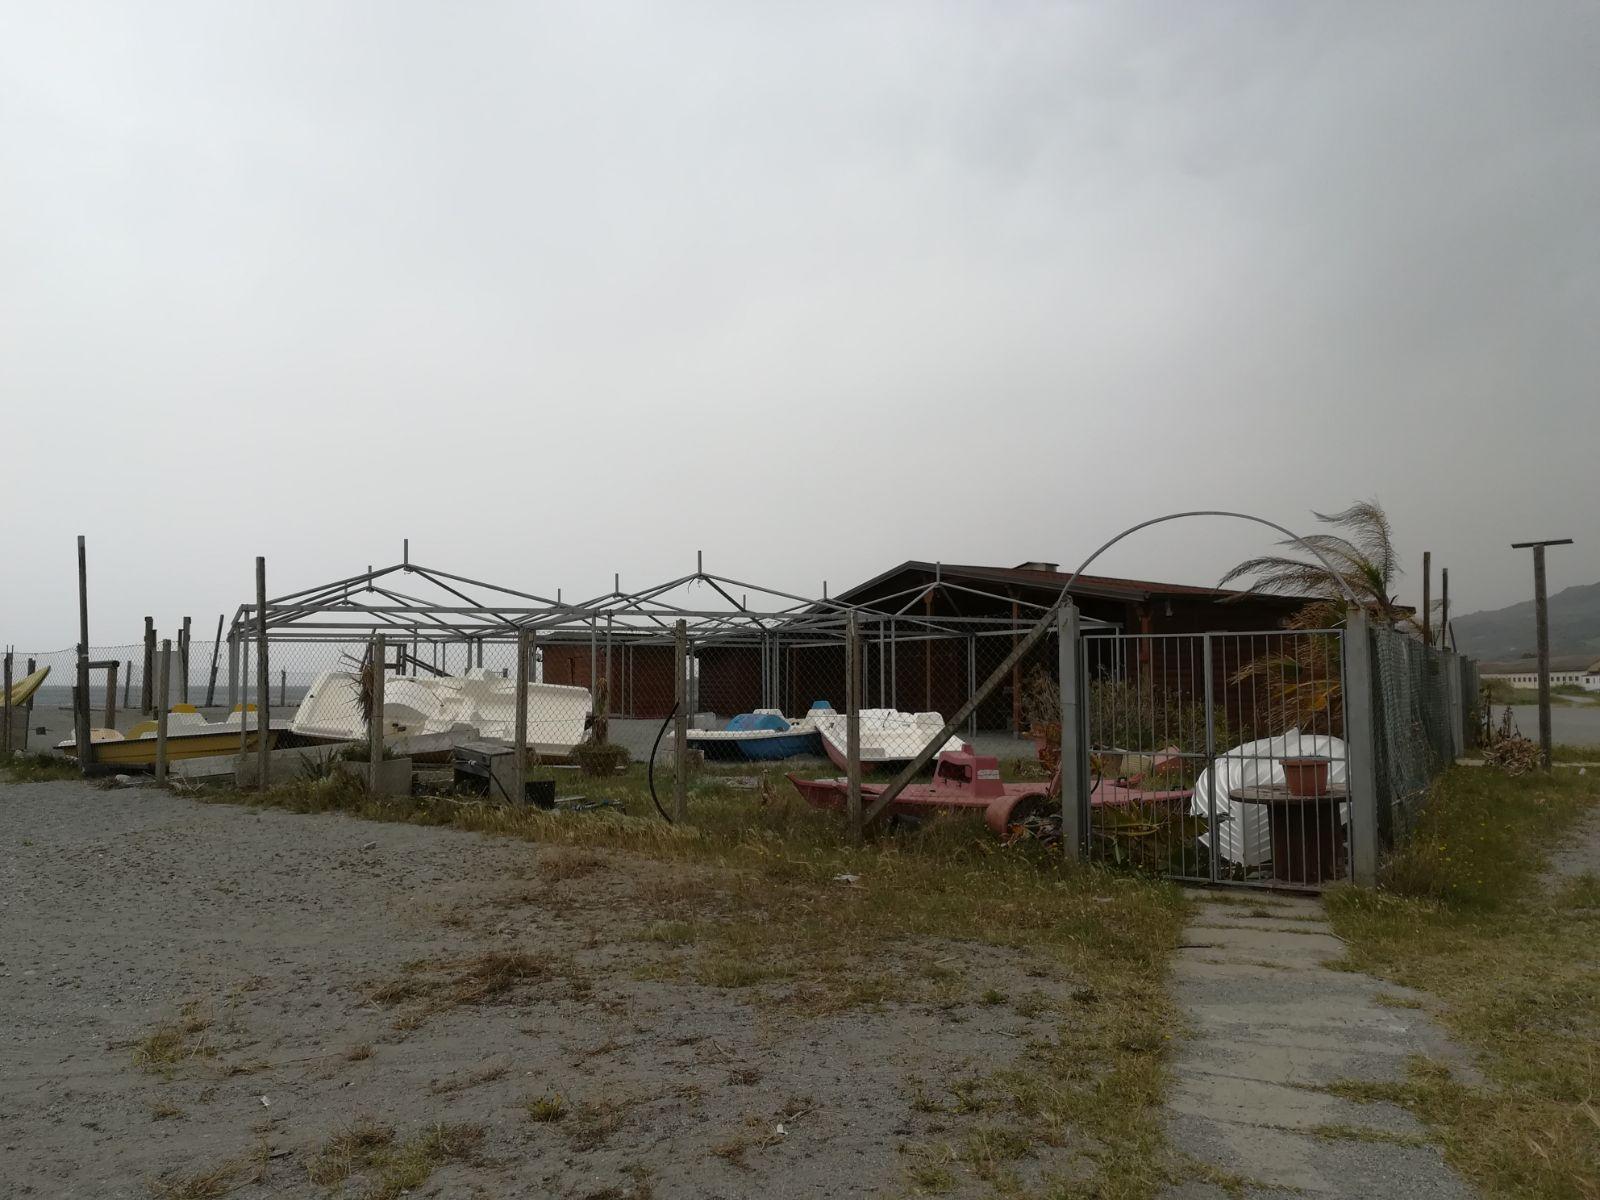 danni nel lametino per il forte vento-LameziaTermeit